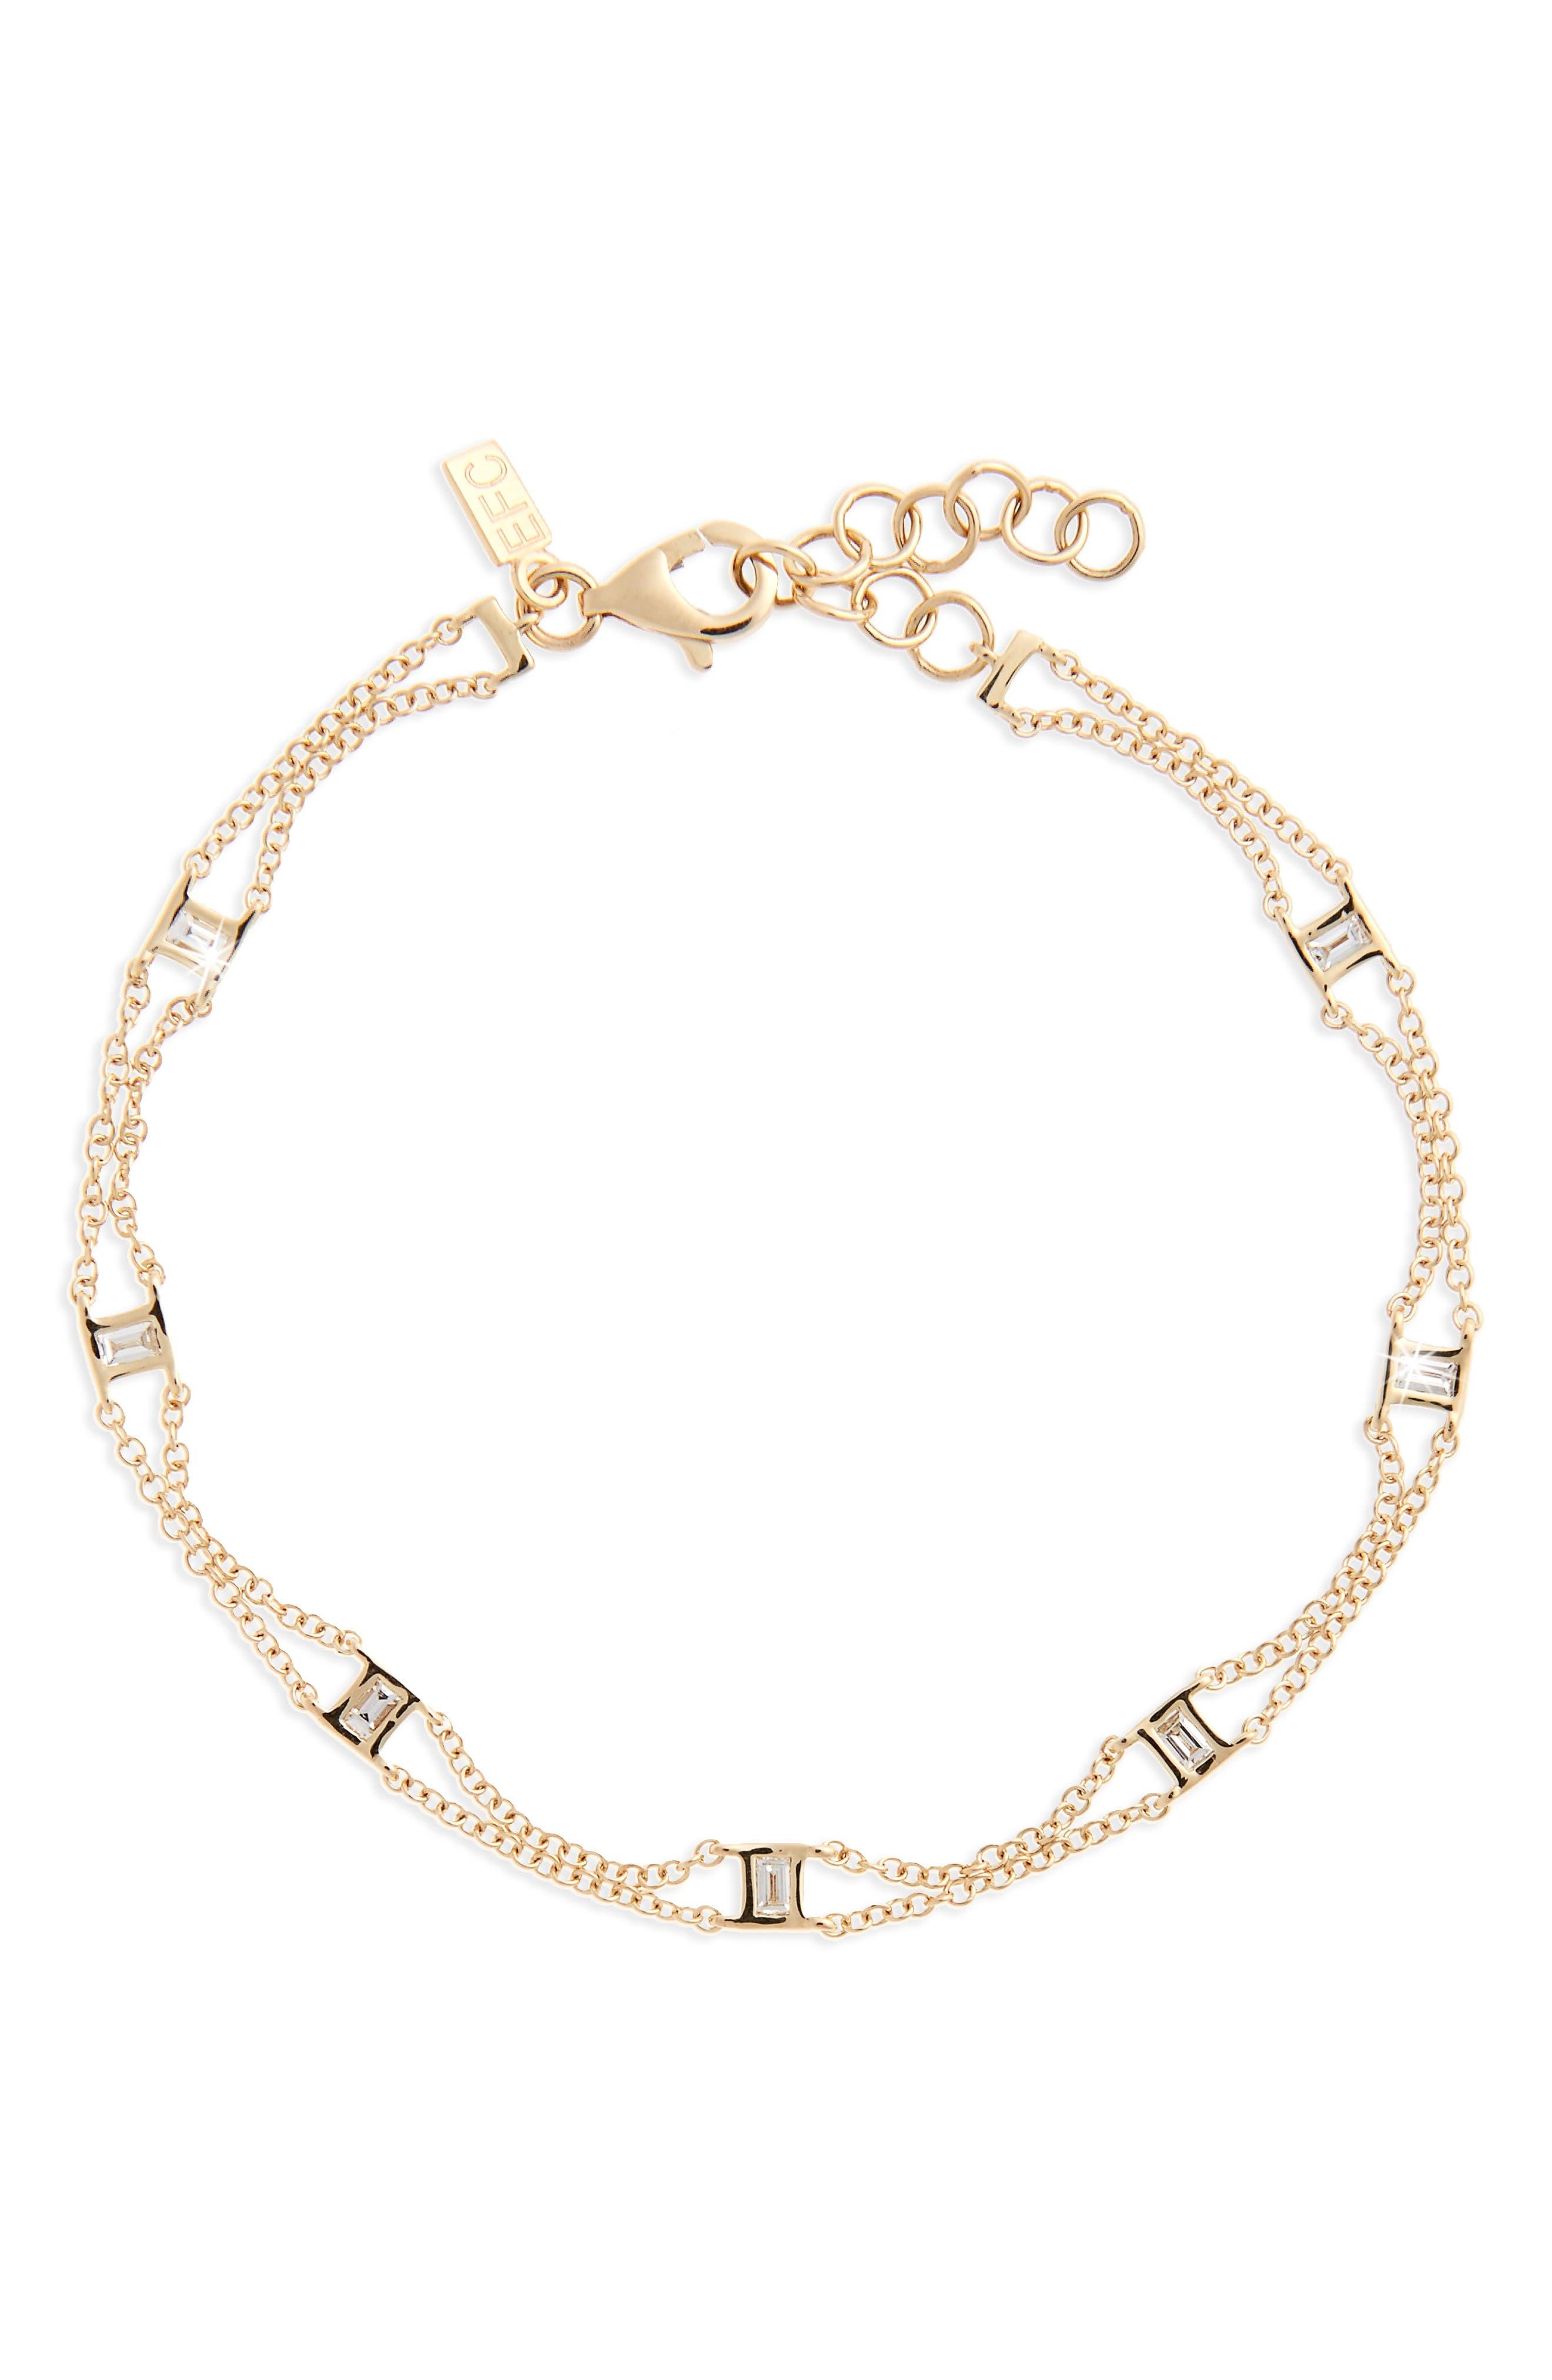 Lucky 7 Baguette Chain Diamond Bracelet,                             Main thumbnail 1, color,                             710